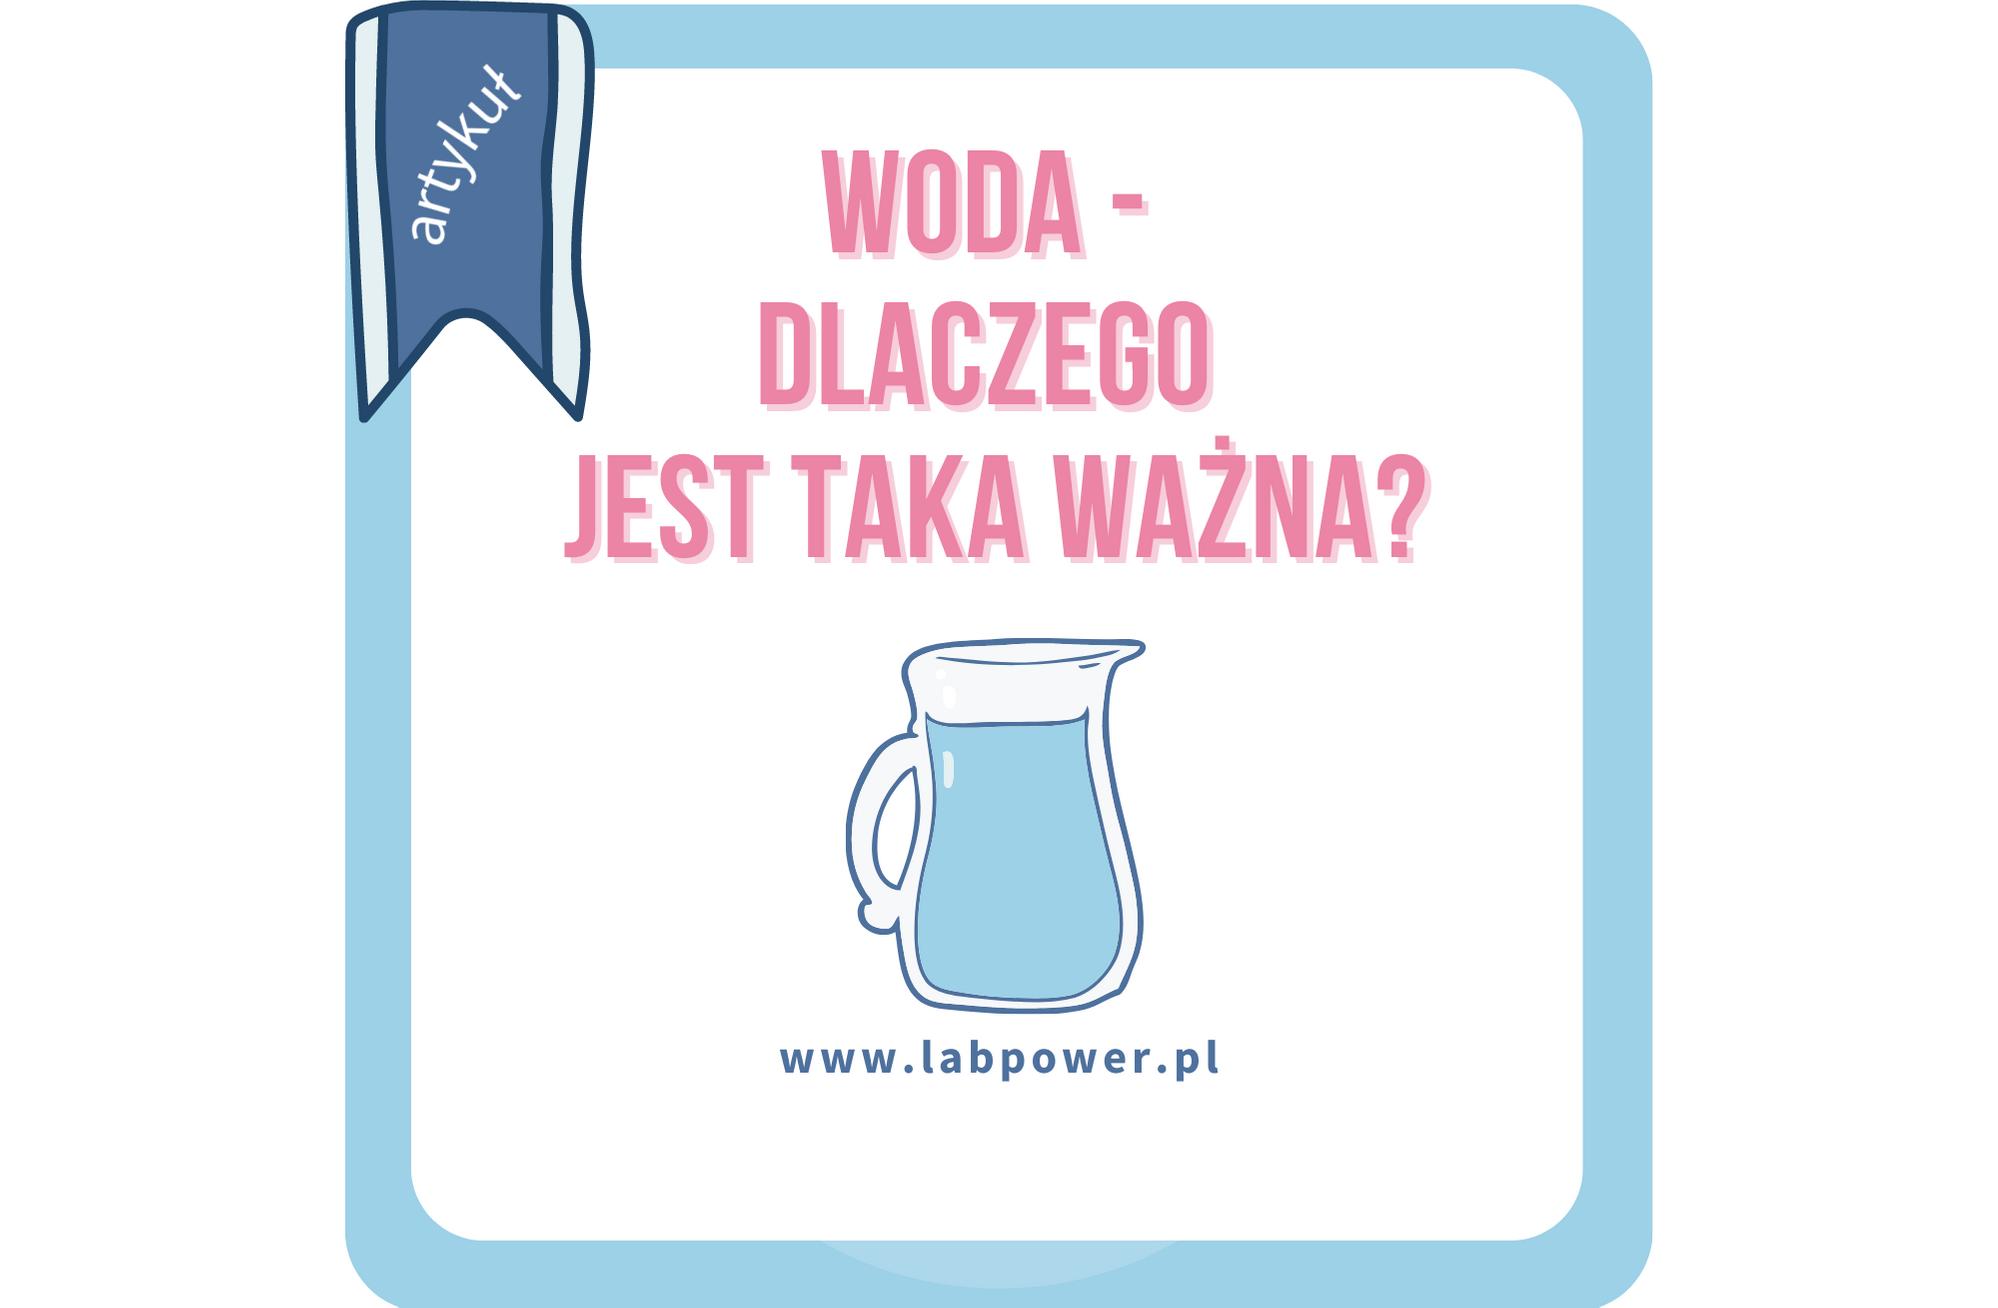 Woda w diece LabPower dietetyk.blog Agnieszka Kobus-Bogucka